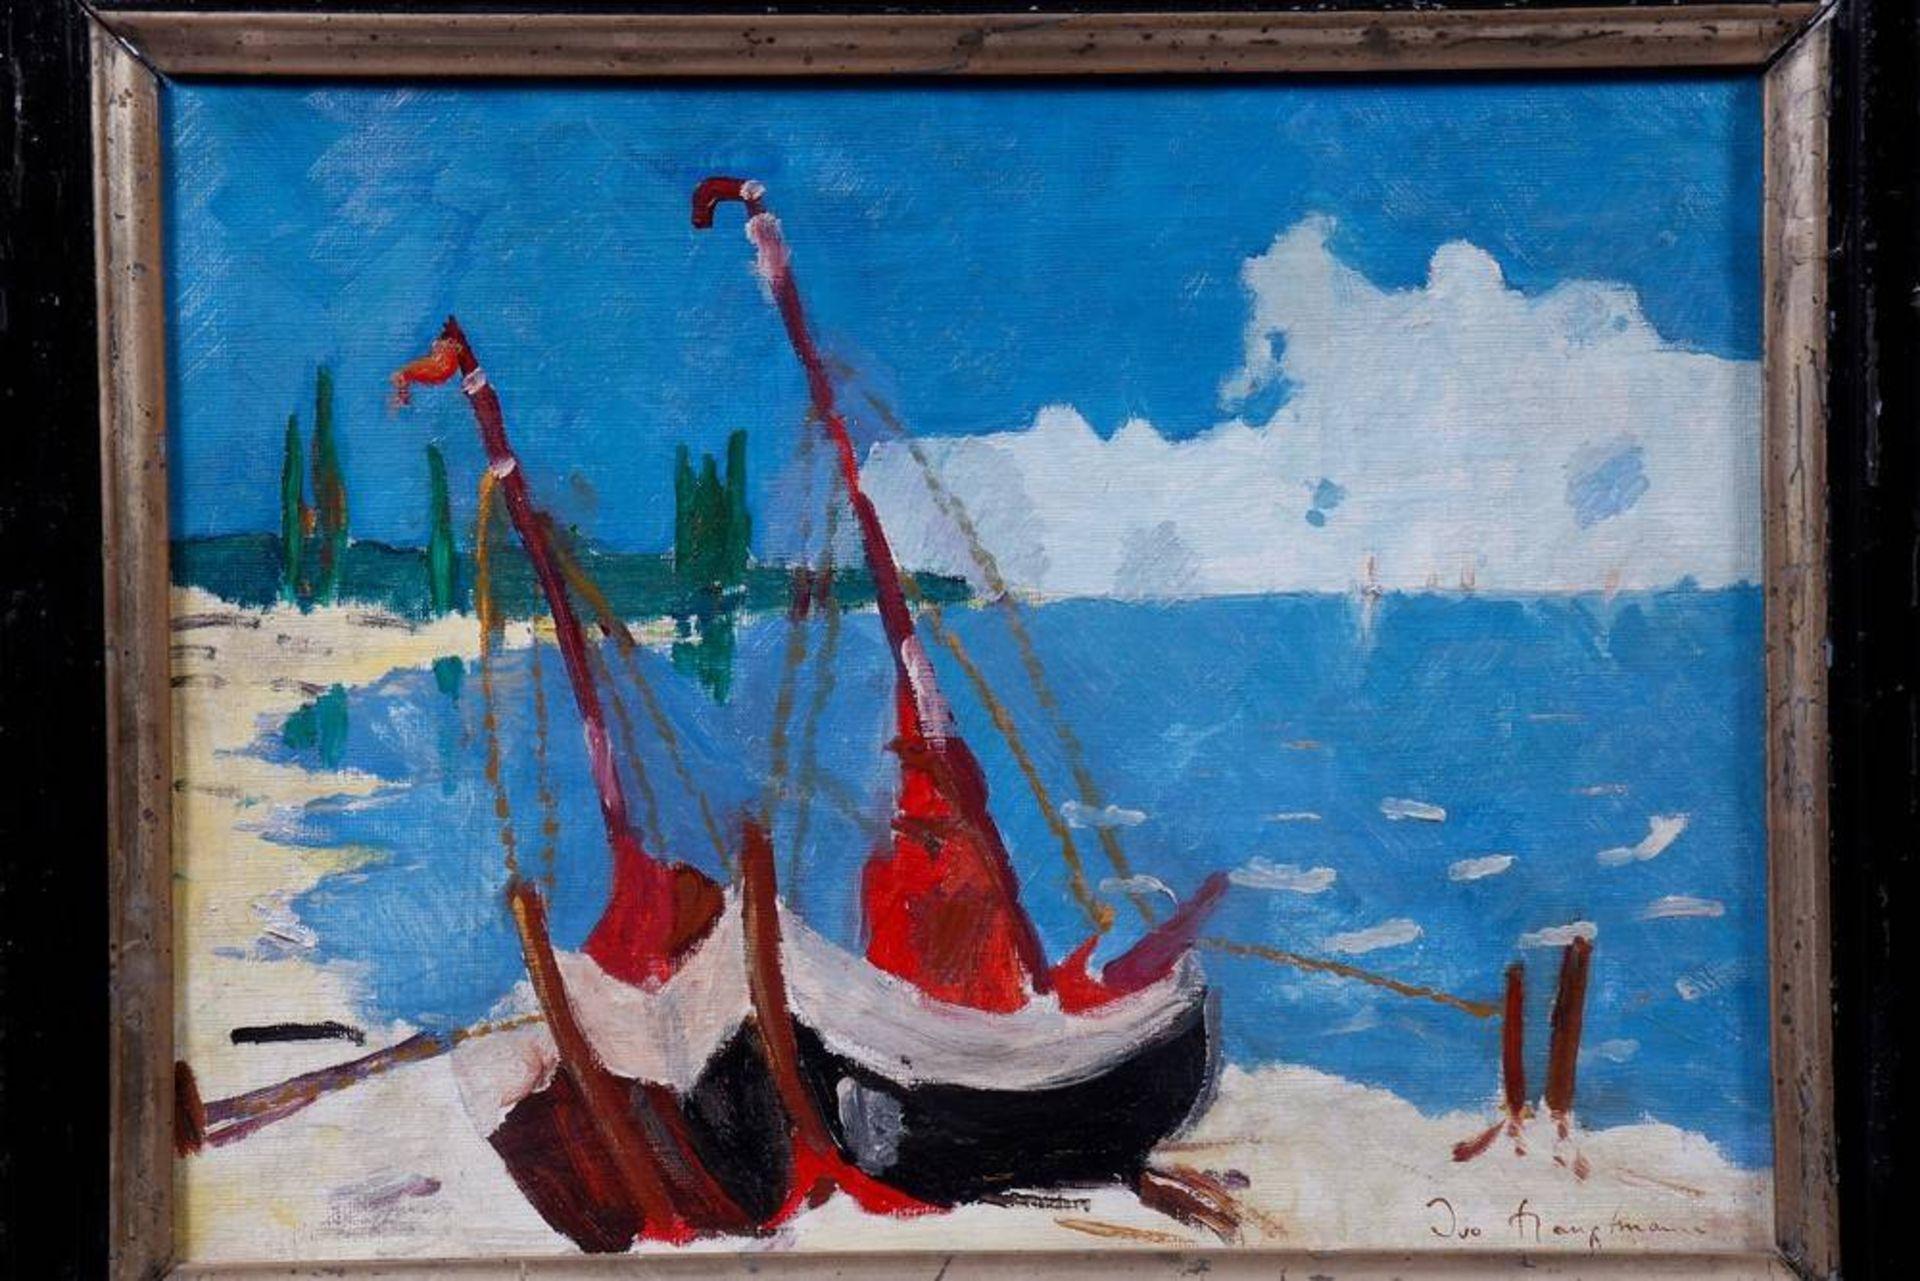 Ivo Hauptmann (1886, Erkner - 1973, Hamburg) - Image 2 of 4